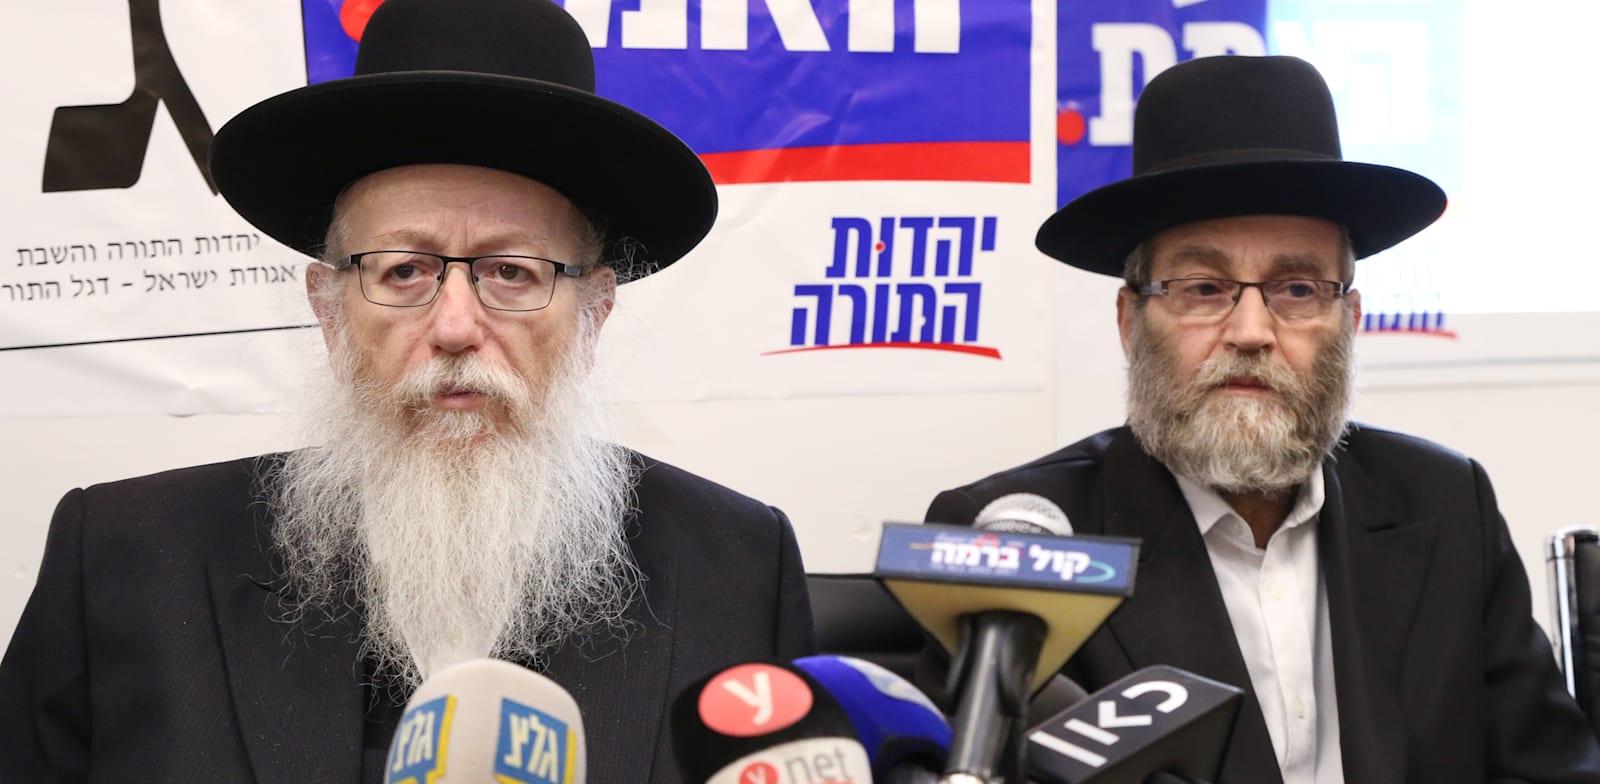 """גפני וליצמן. במפלגה מעריכים שהרבנים ישללו כניסה לממשלה של """"גוש השינוי"""" / צילום: כדיה לוי"""